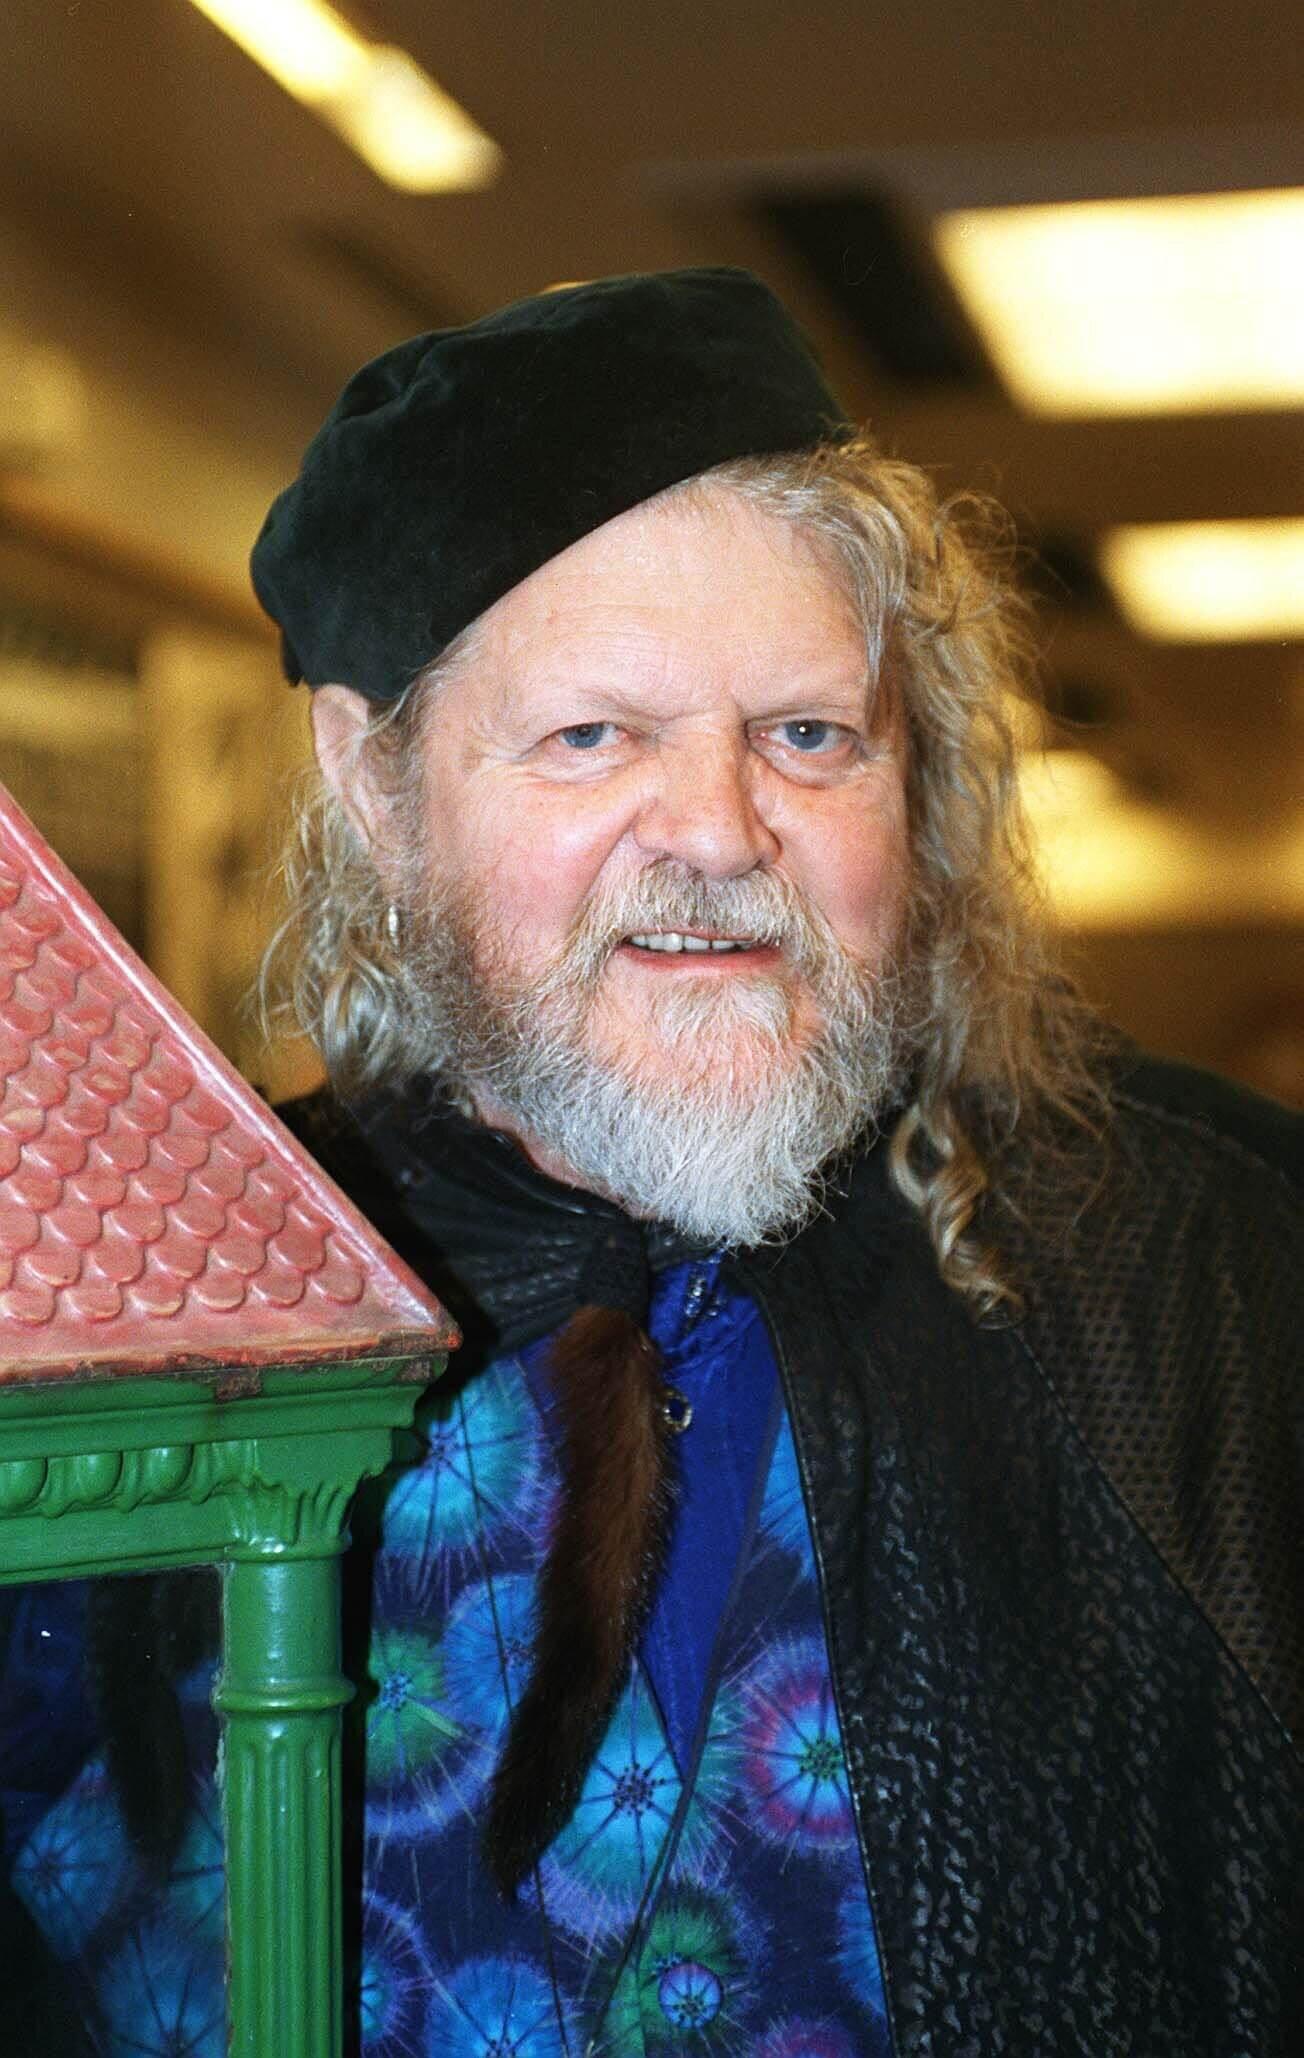 """Der britische Adlige Lord Bath war Politiker, Künstler sowie Autor. Er starb an den Folgen des Coronavirus. Zeitlebens hatte der bekennende Polygamist 74 """"Ehefrauen"""" und sprach ausführlich über sein Sexleben. © picture alliance / Photoshot"""